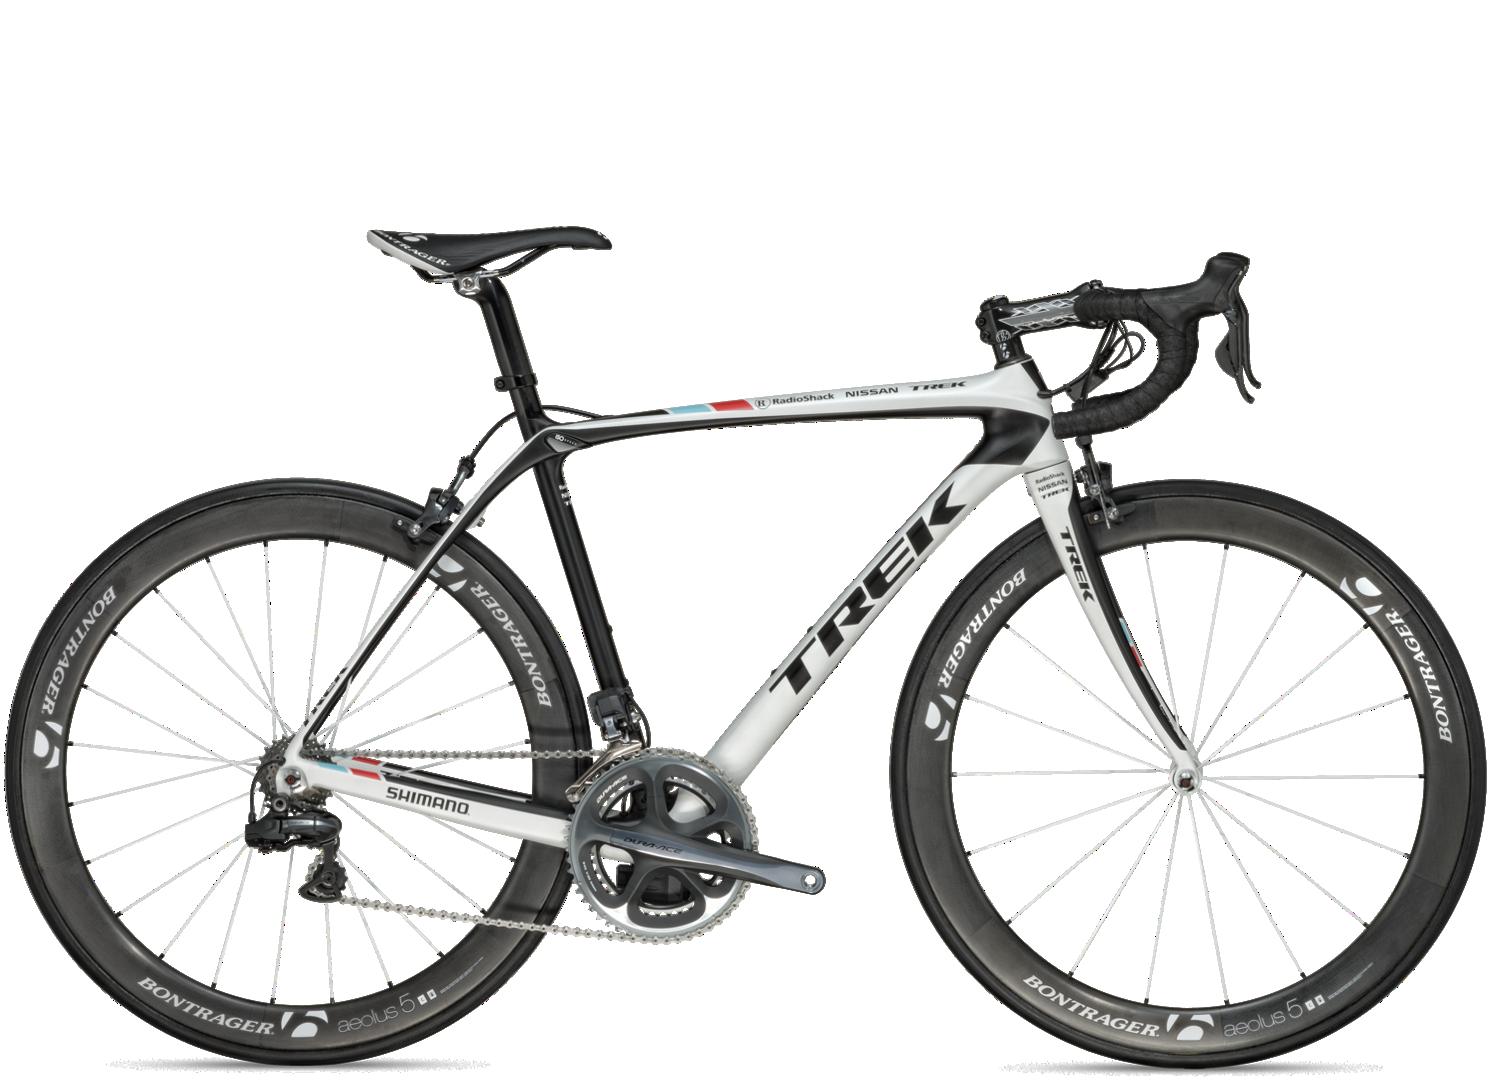 Trek Domane, our new endurance road bike. So sweet. http ...